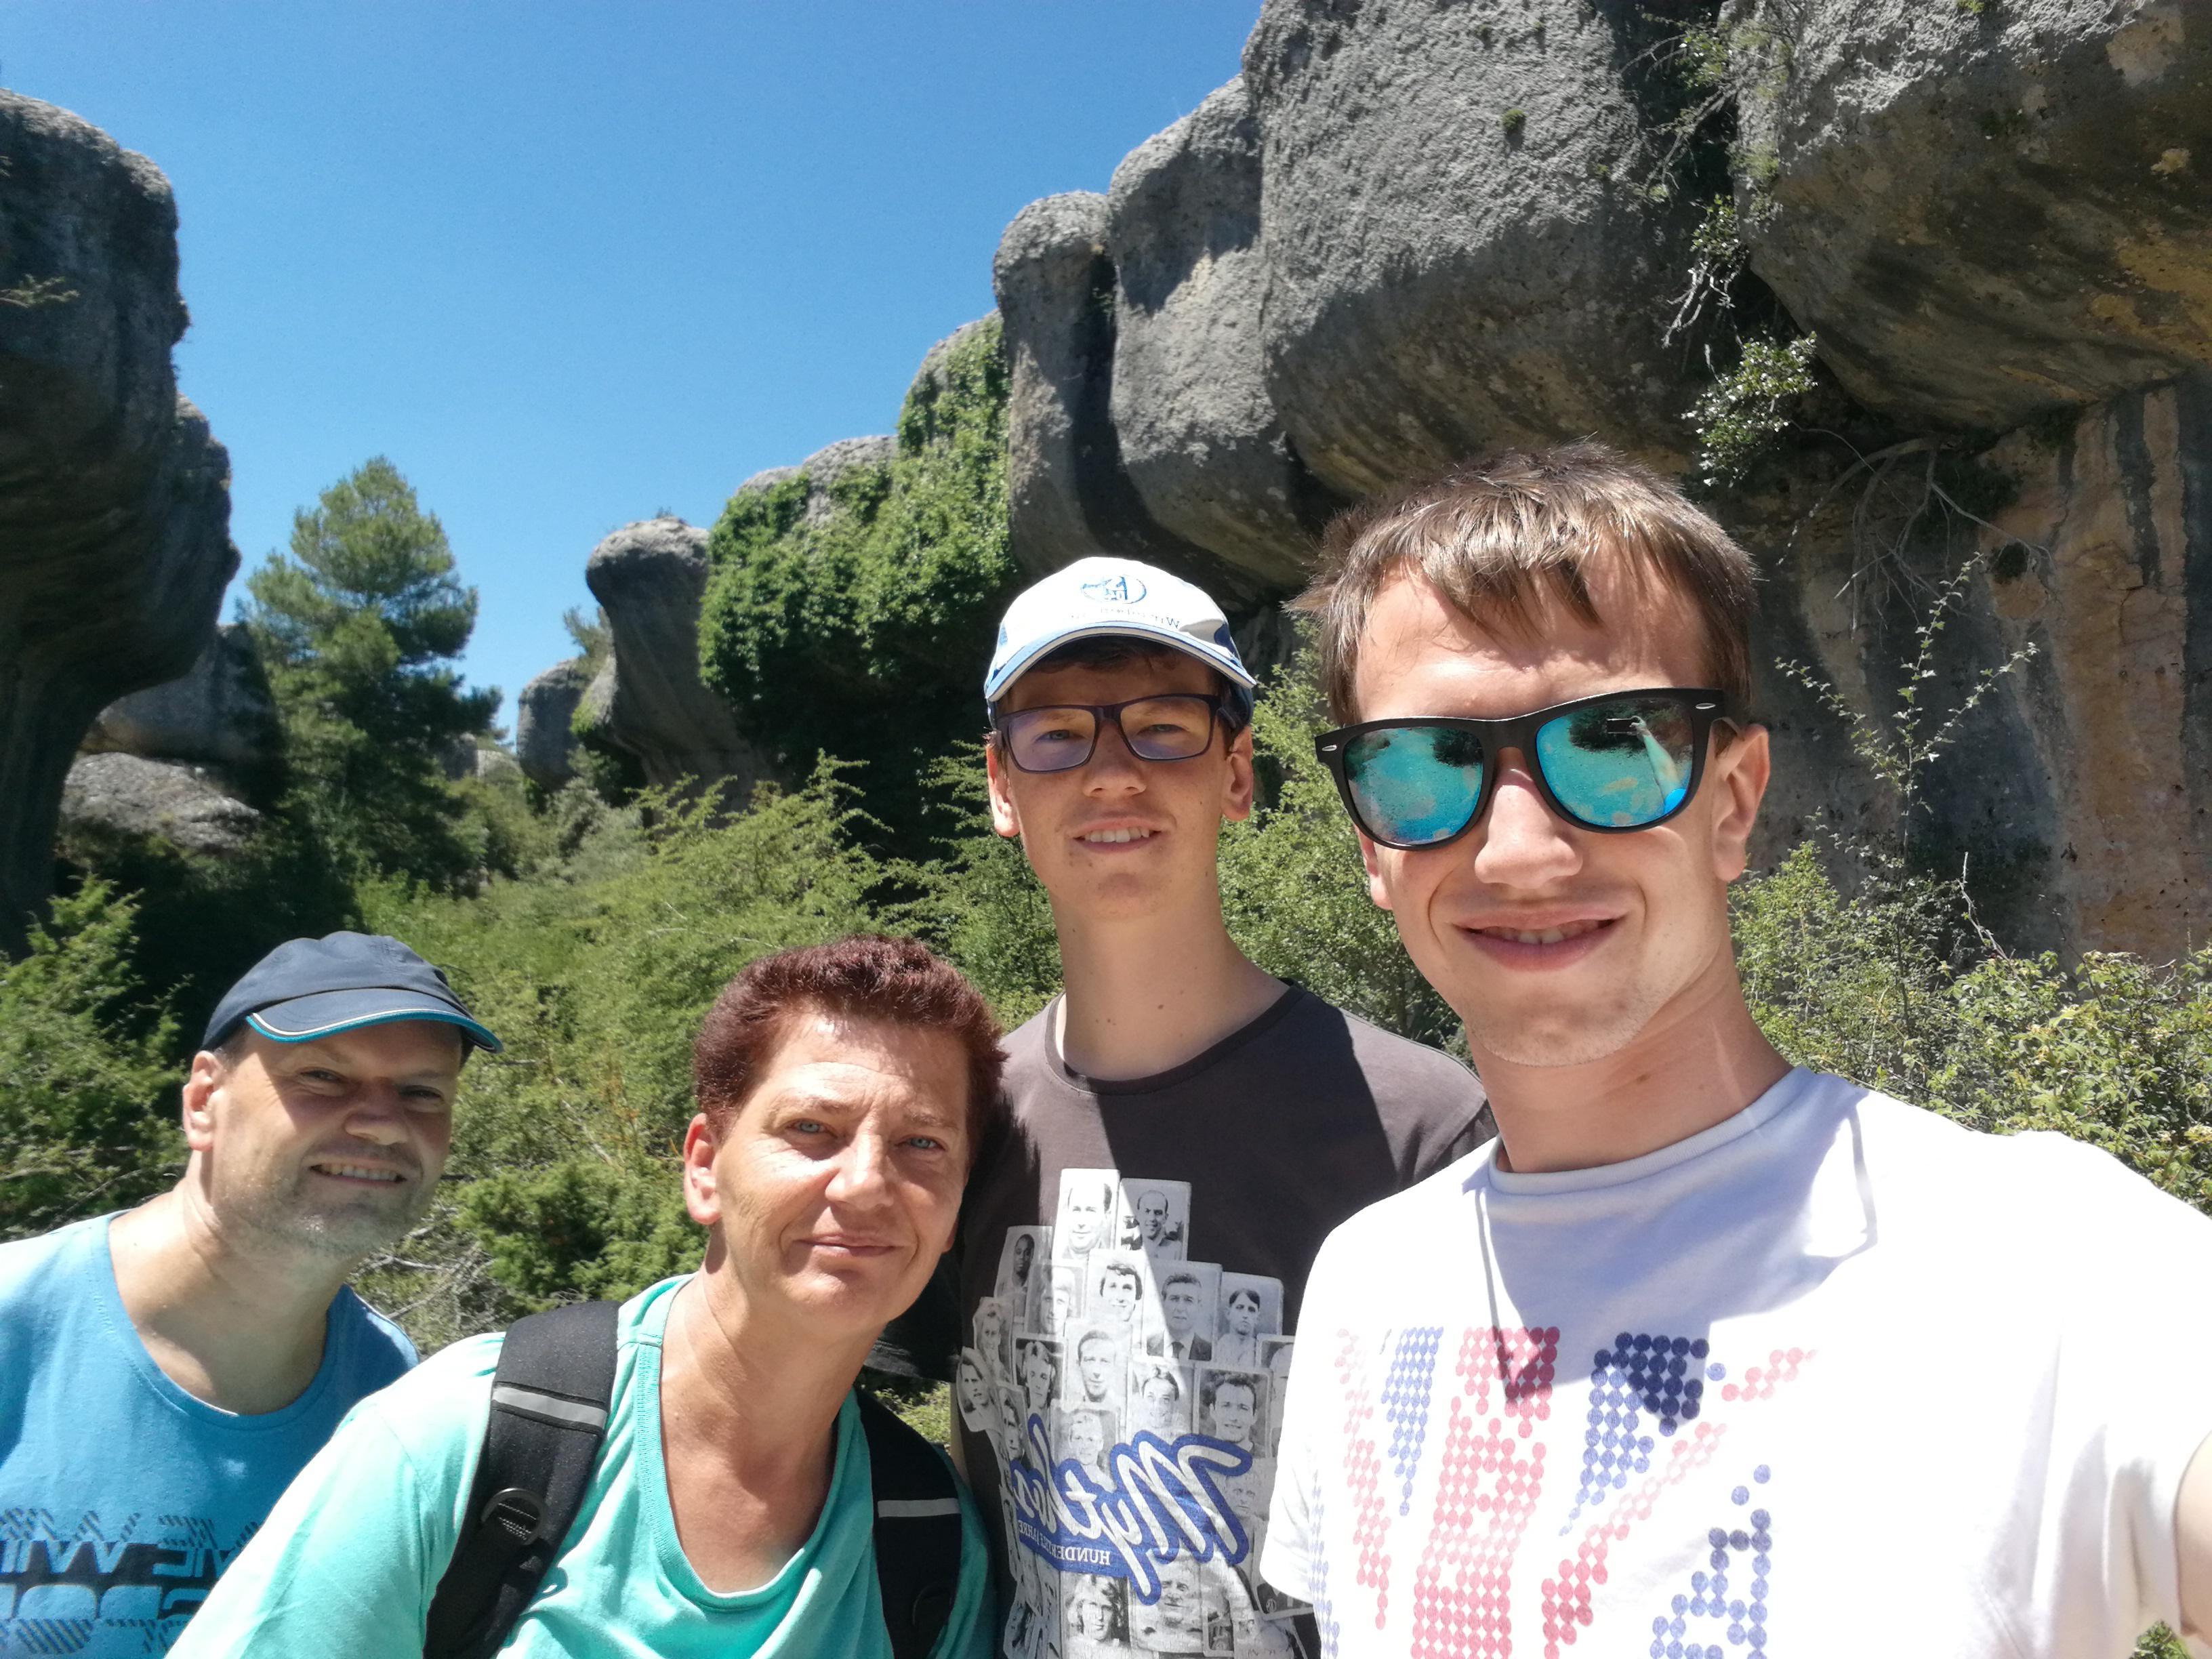 Selfie vor Steinen in einem Naturpark